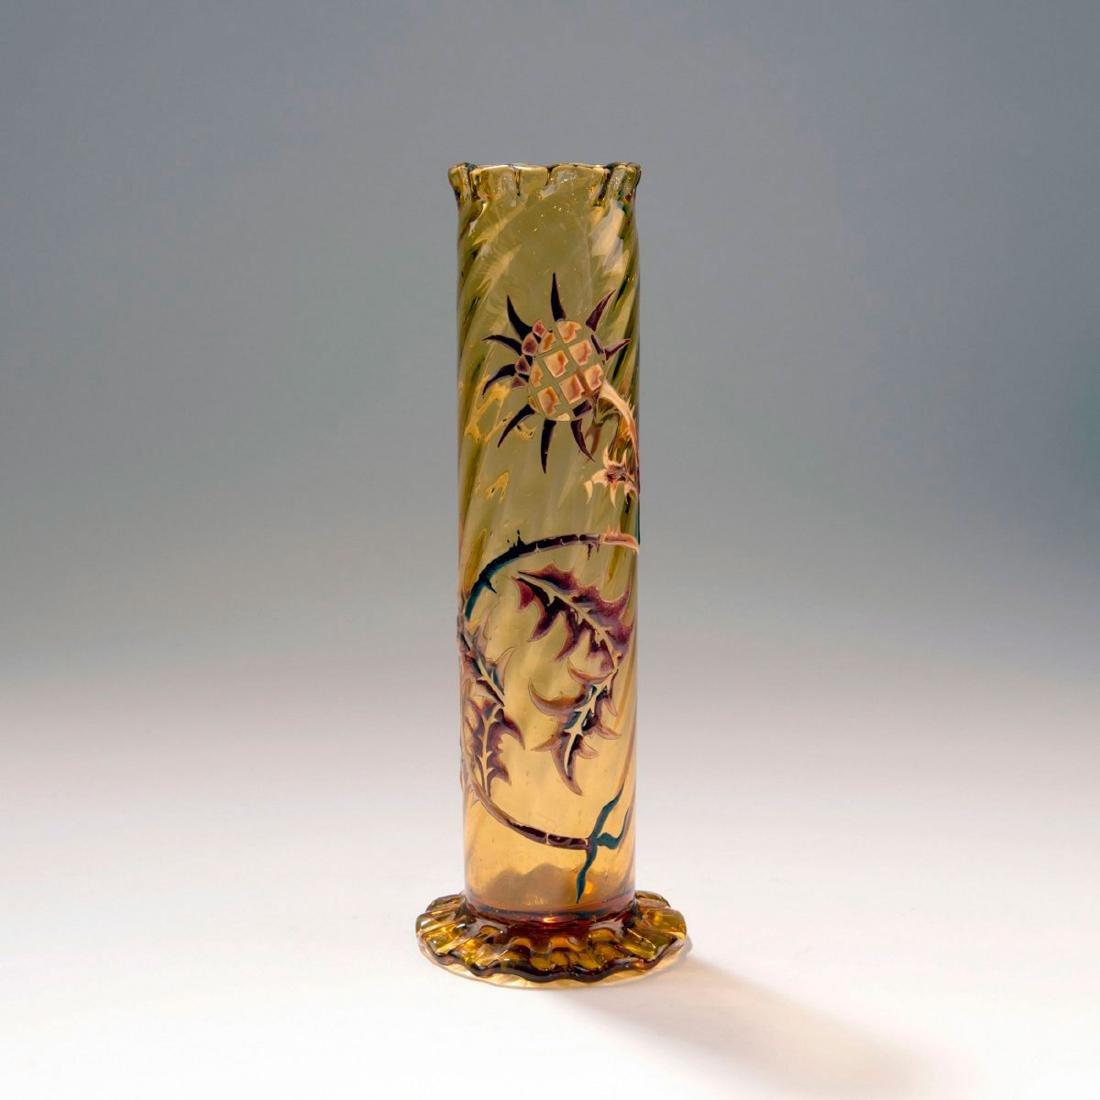 'Chardons et Croix de Lorraine' vase, c. 1884